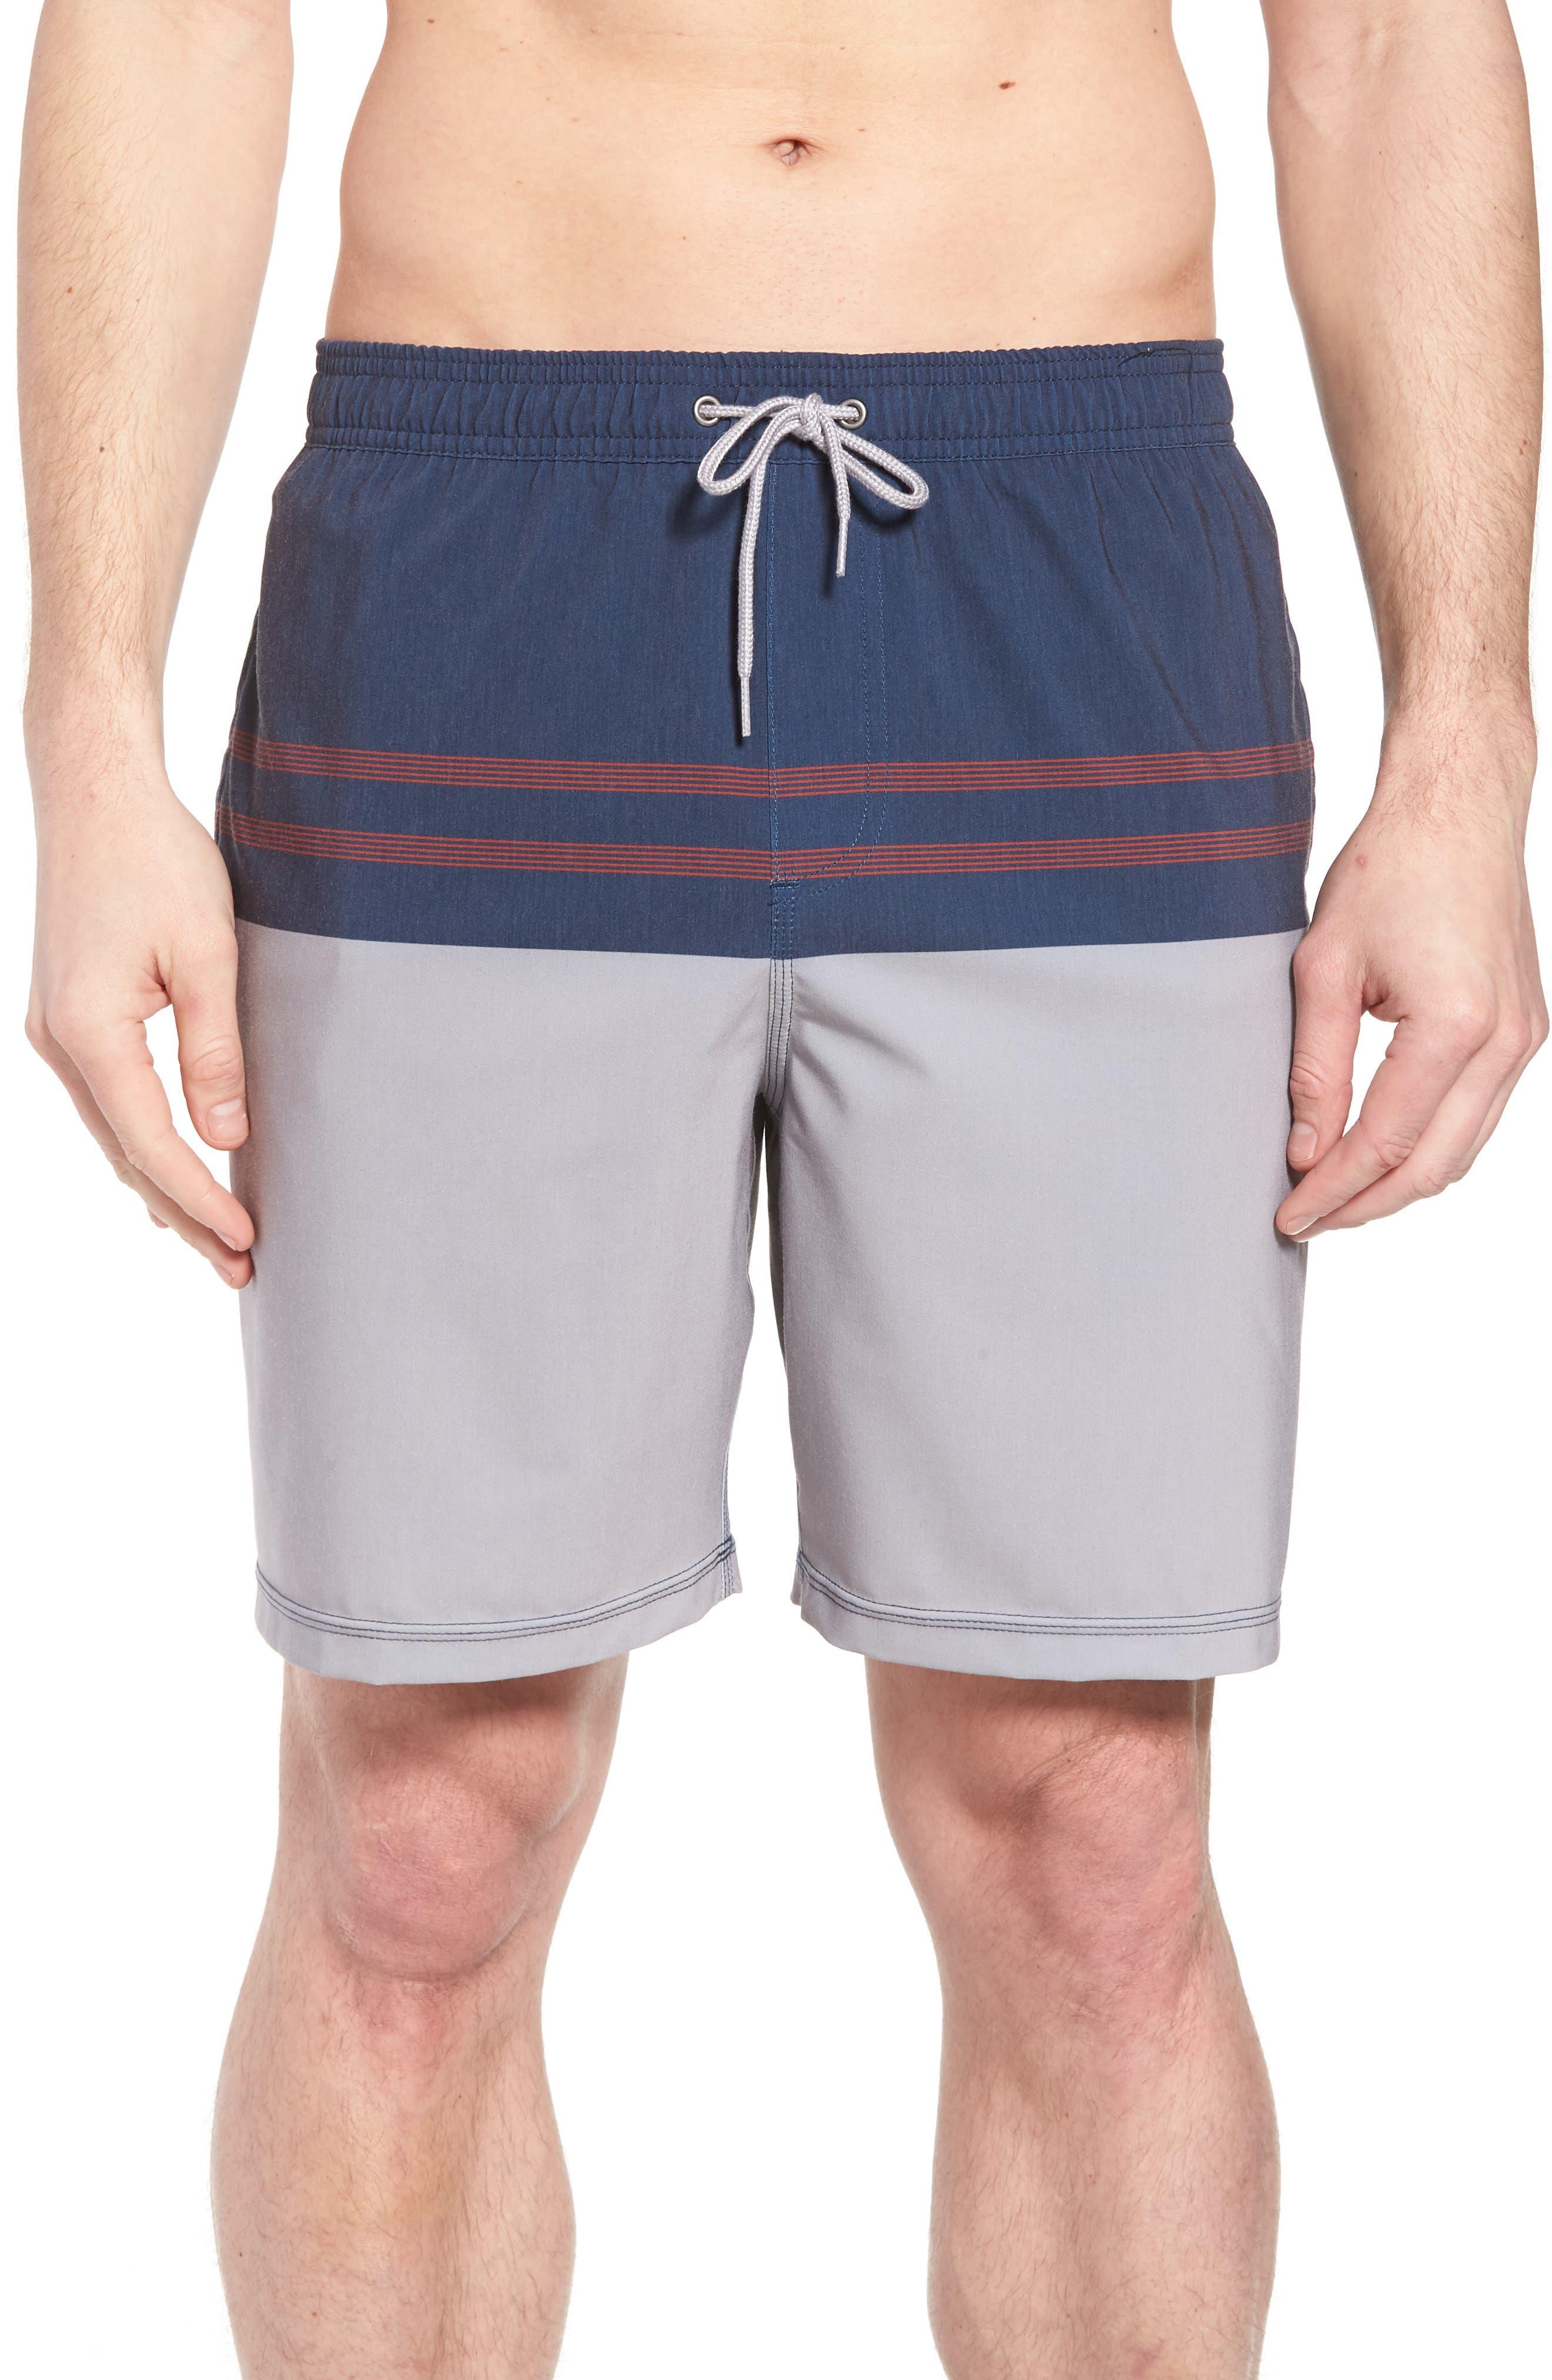 Pier Board Shorts,                             Main thumbnail 2, color,